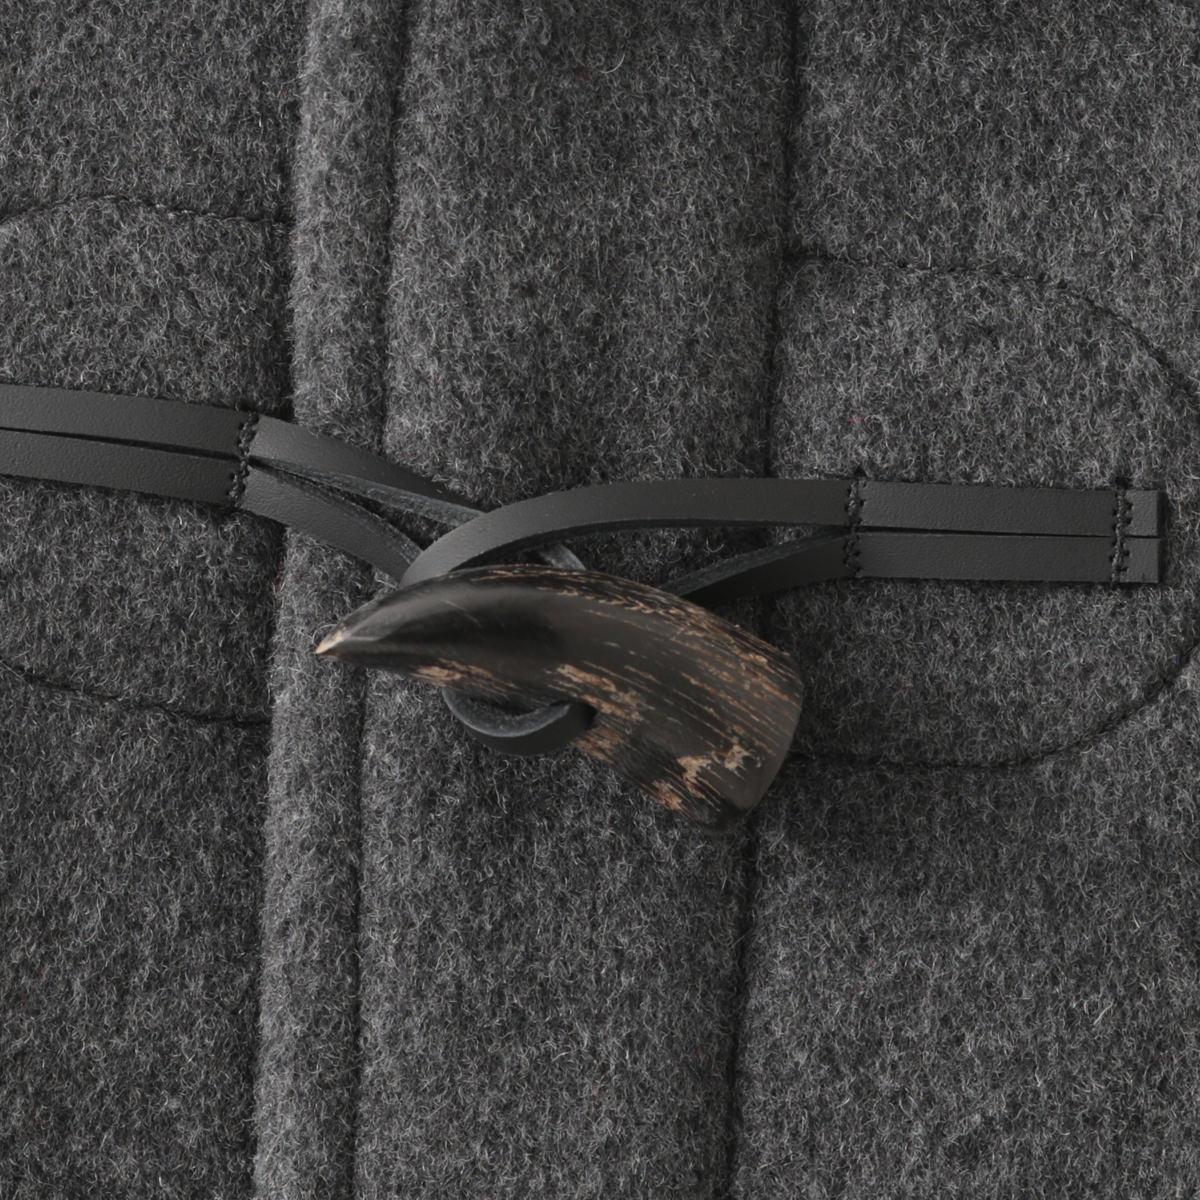 LONDON TRADITION メンズ スリムロングダッフルコート ミッドグレー MARTIN 秋冬 英国製 ウール ロンドントラディション マーティン チェック 上着 MADE IN ENGLAND ギフト 長い 厚手 防寒 トラッド